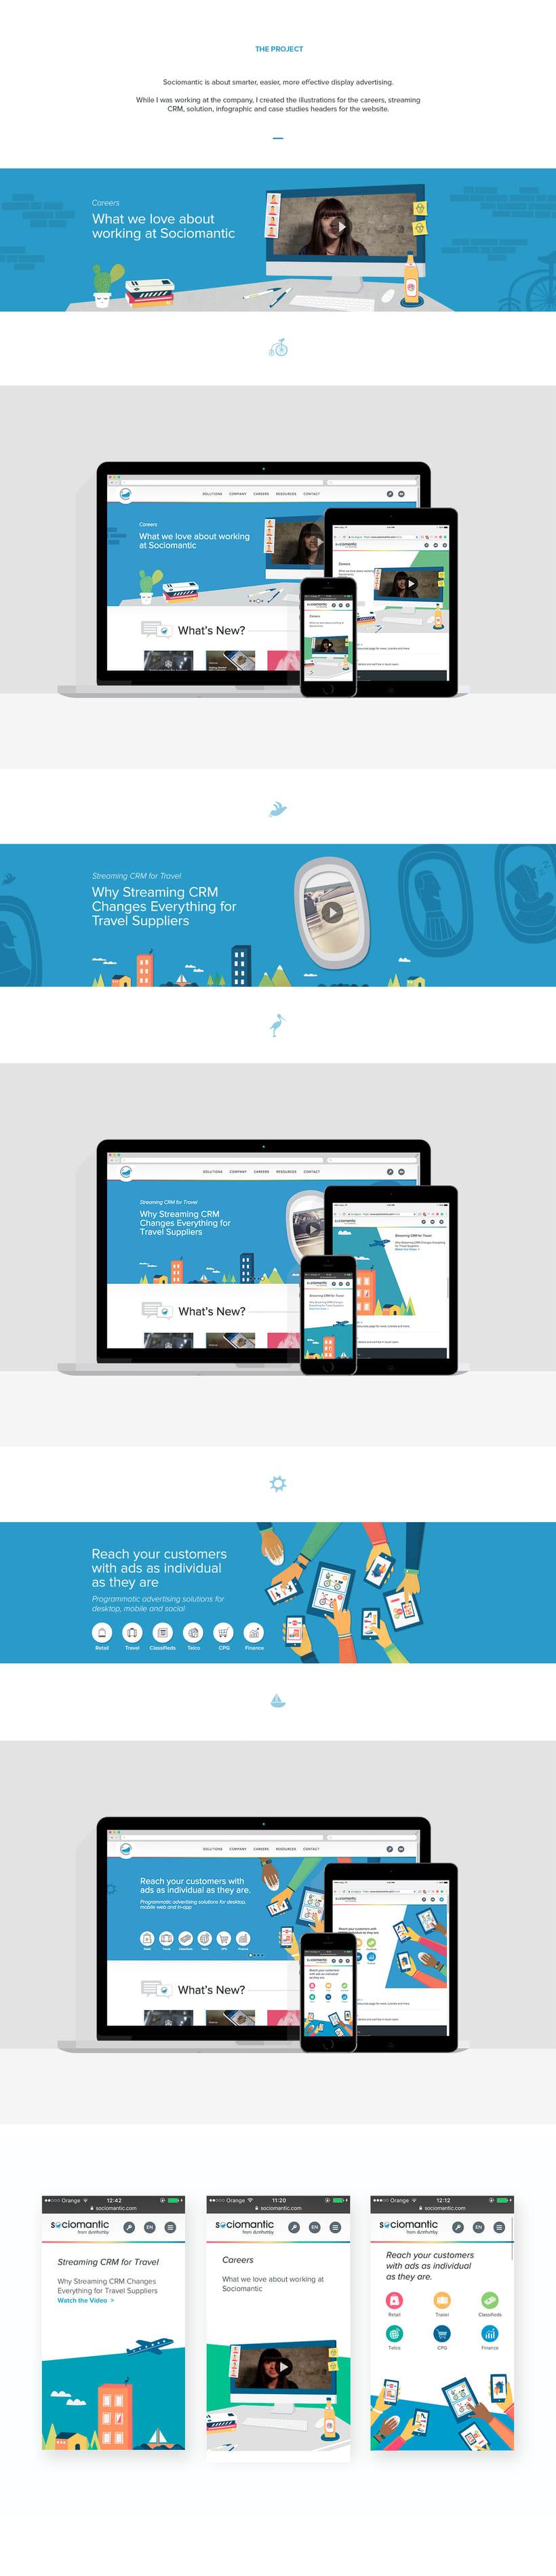 Ilustraciones para la página web de Sociomantic Labs. -1